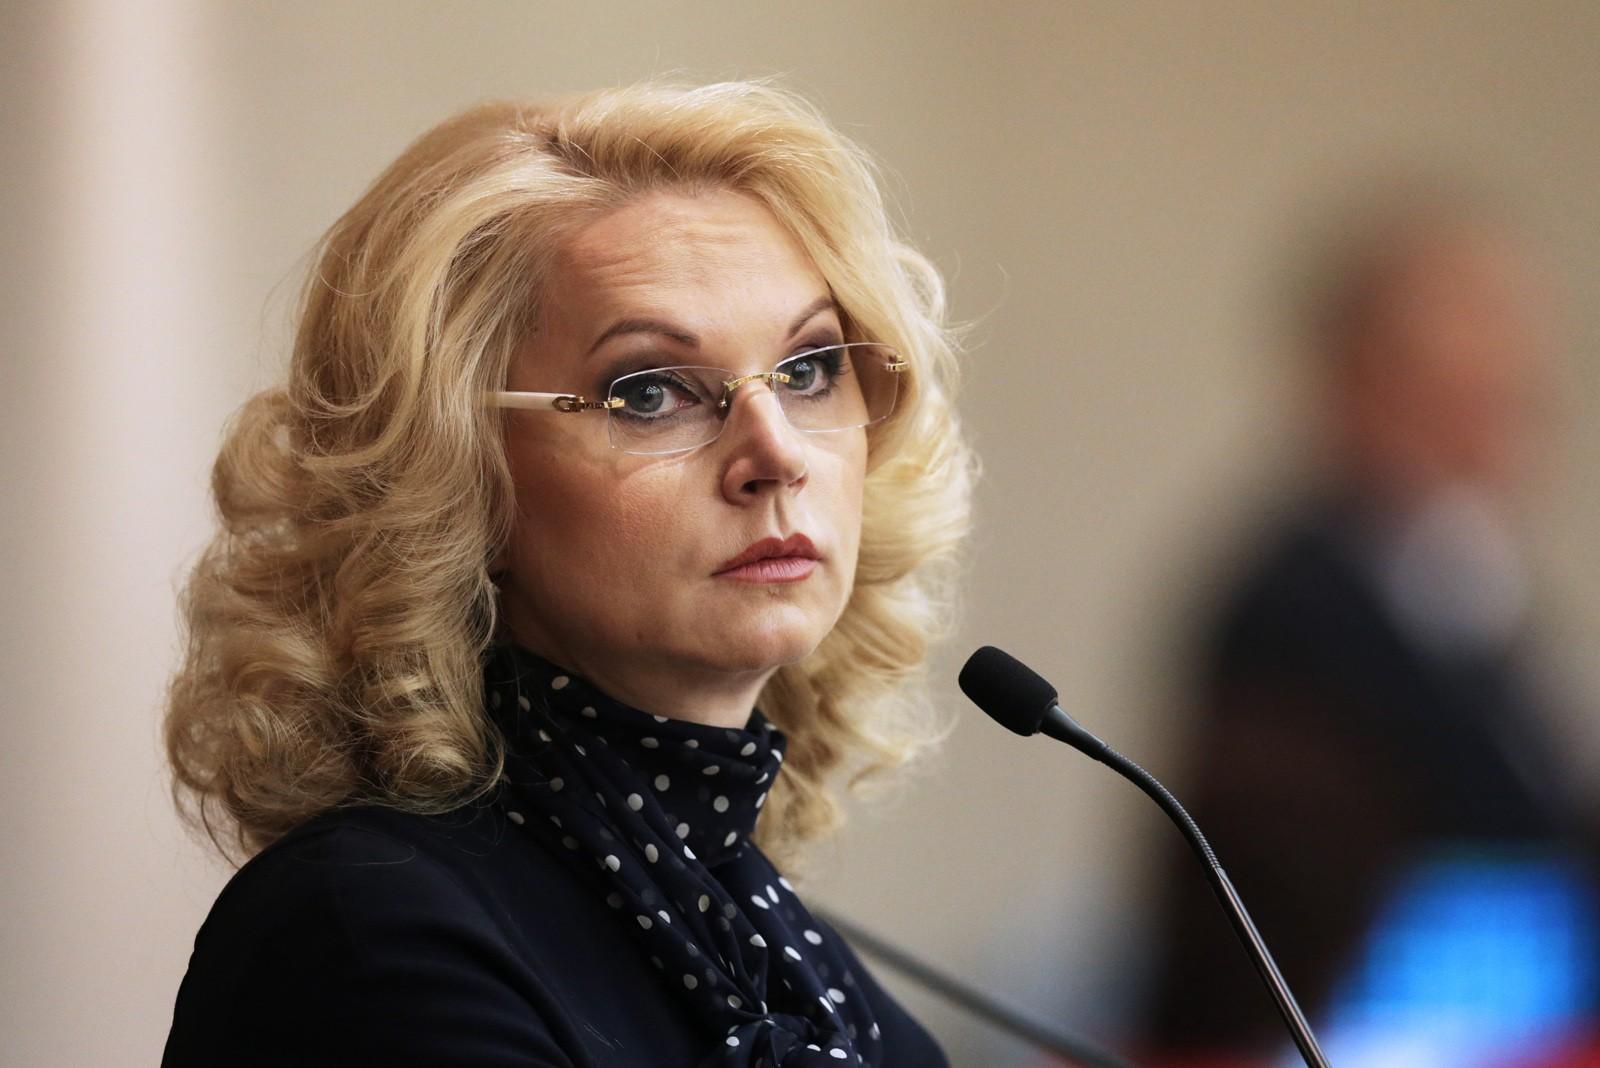 Голикова: Втрети русских медицинских компаний нет водопровода иканализации